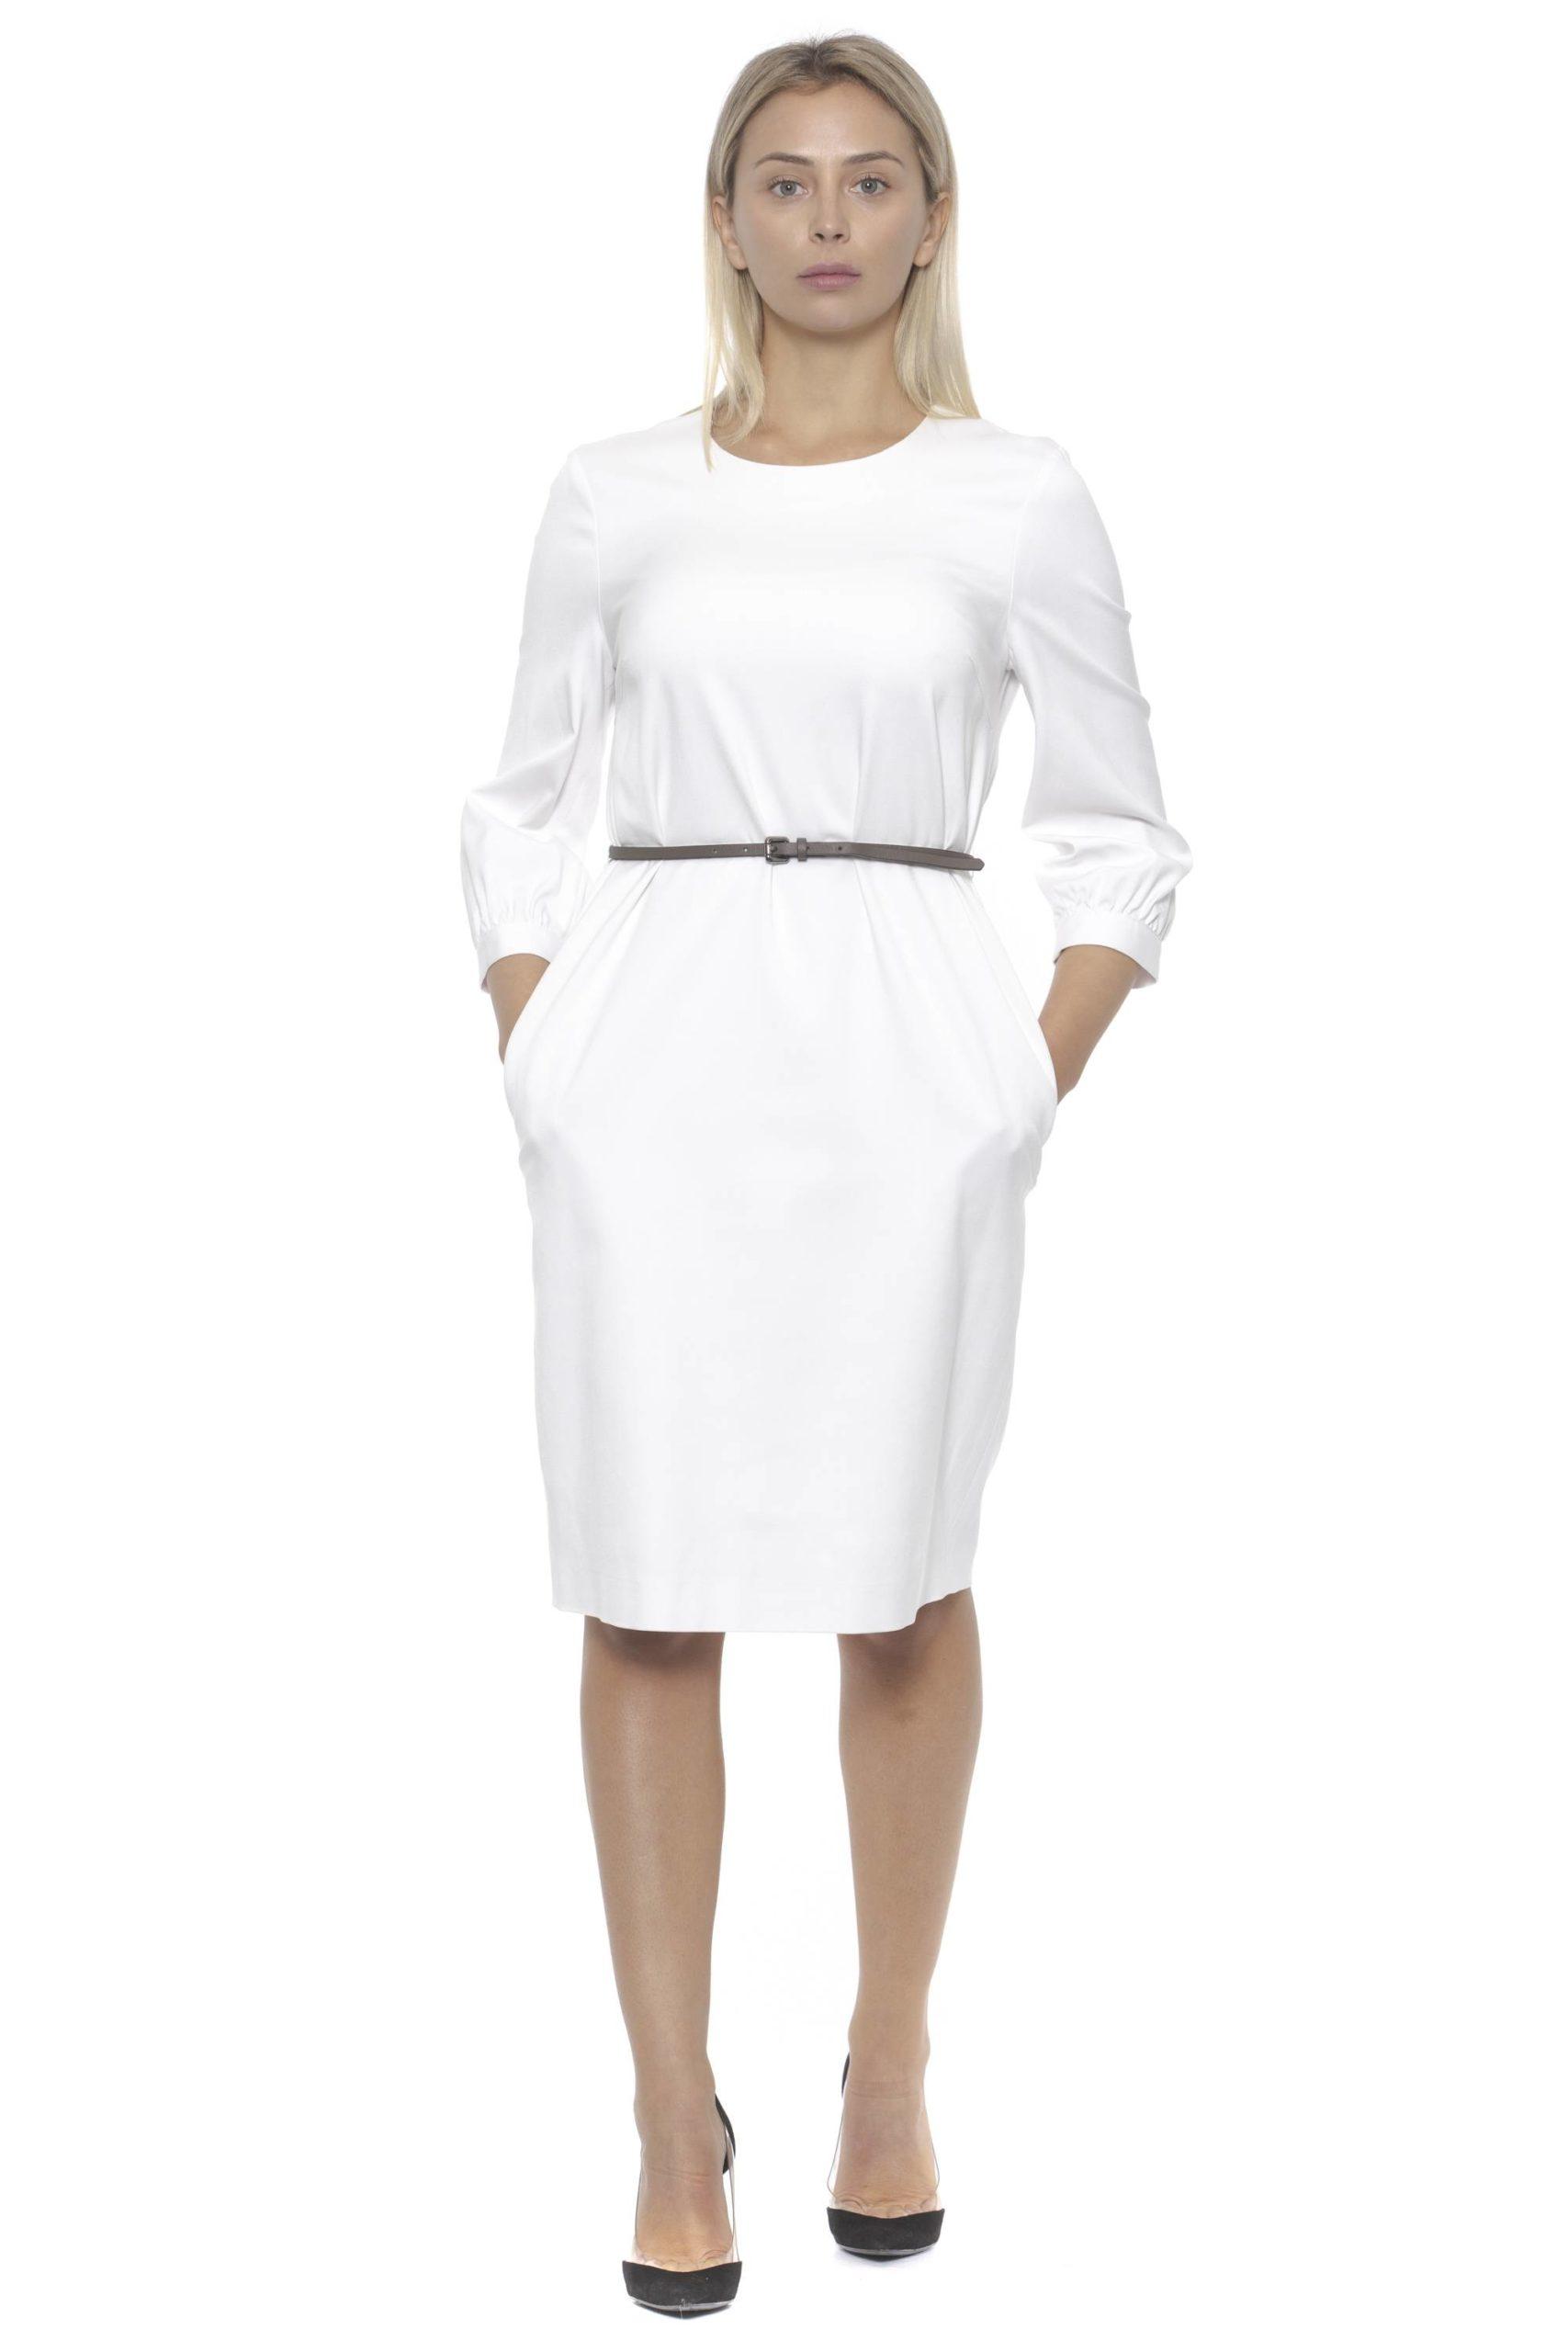 Peserico Women's Bianco Dress Beige PE1383162 - IT42   S